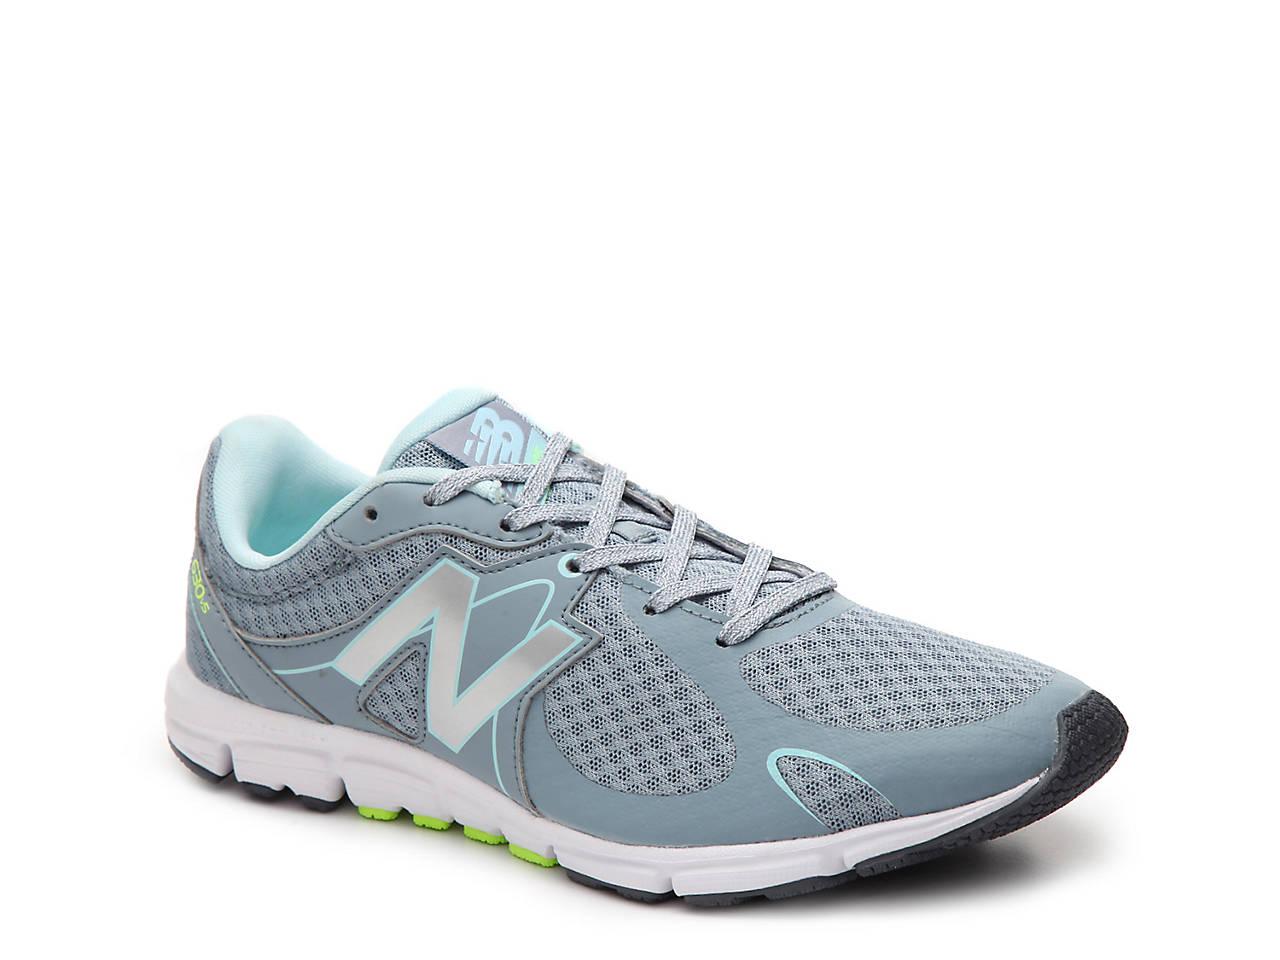 0d3825abb3c2c New Balance 630 v5 Lightweight Running Shoe - Women's Women's Shoes ...